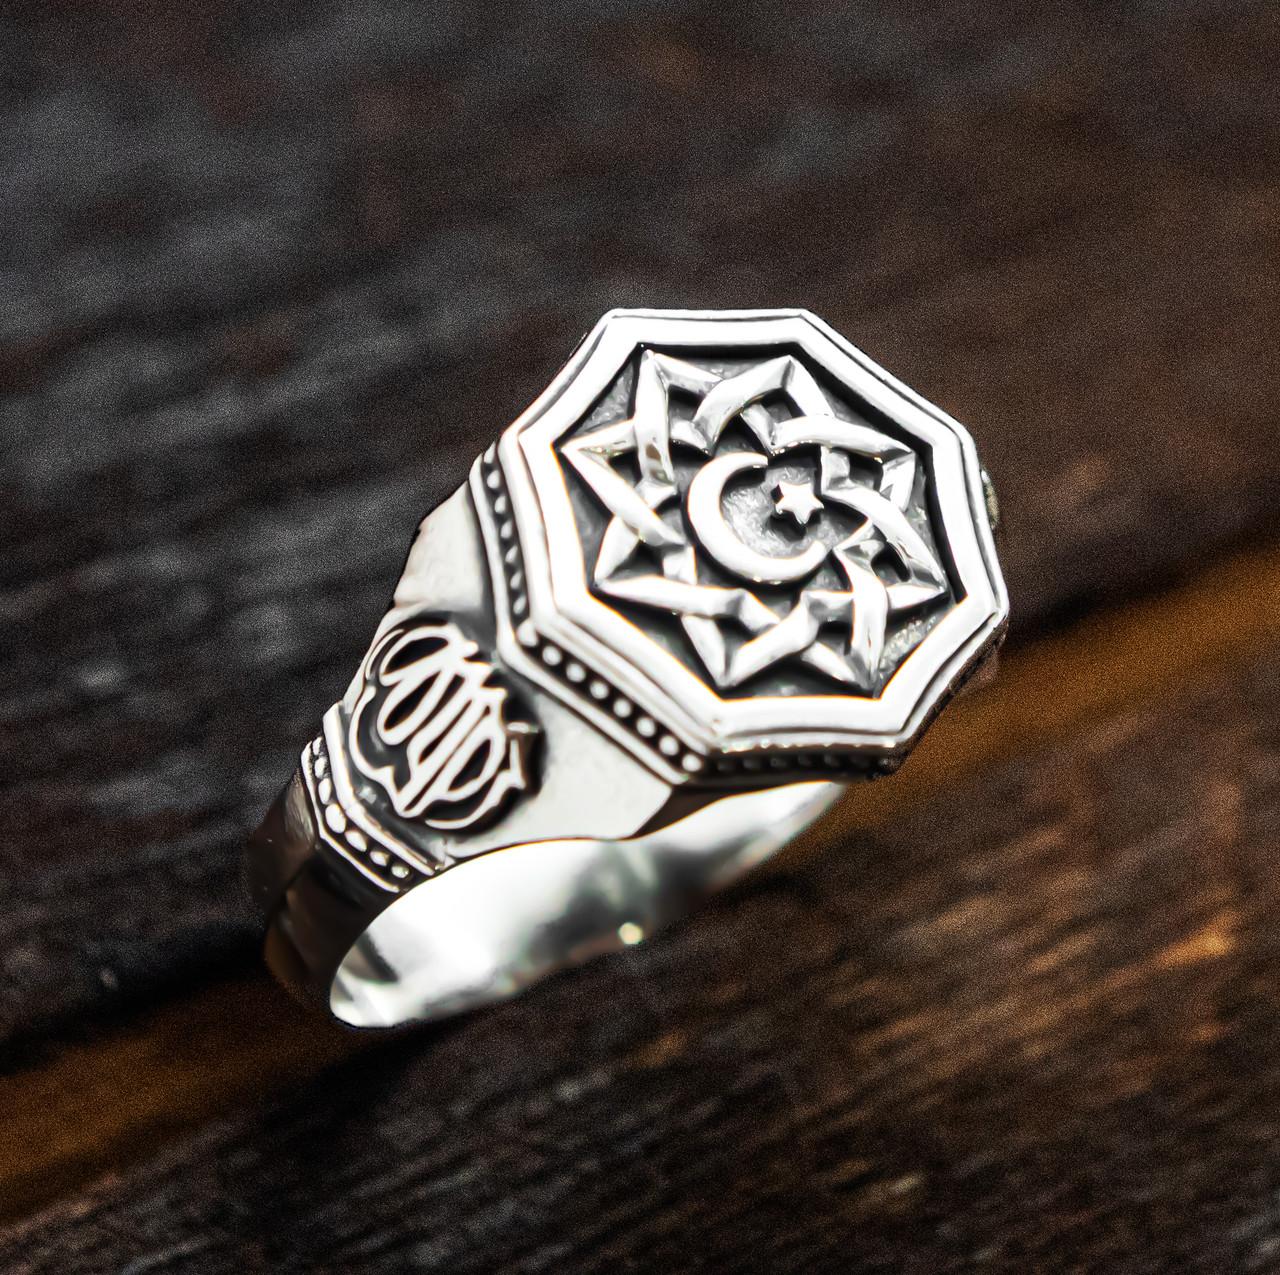 Перстень мужской серебряный Полумесяц и Всевышний Аллах  30380